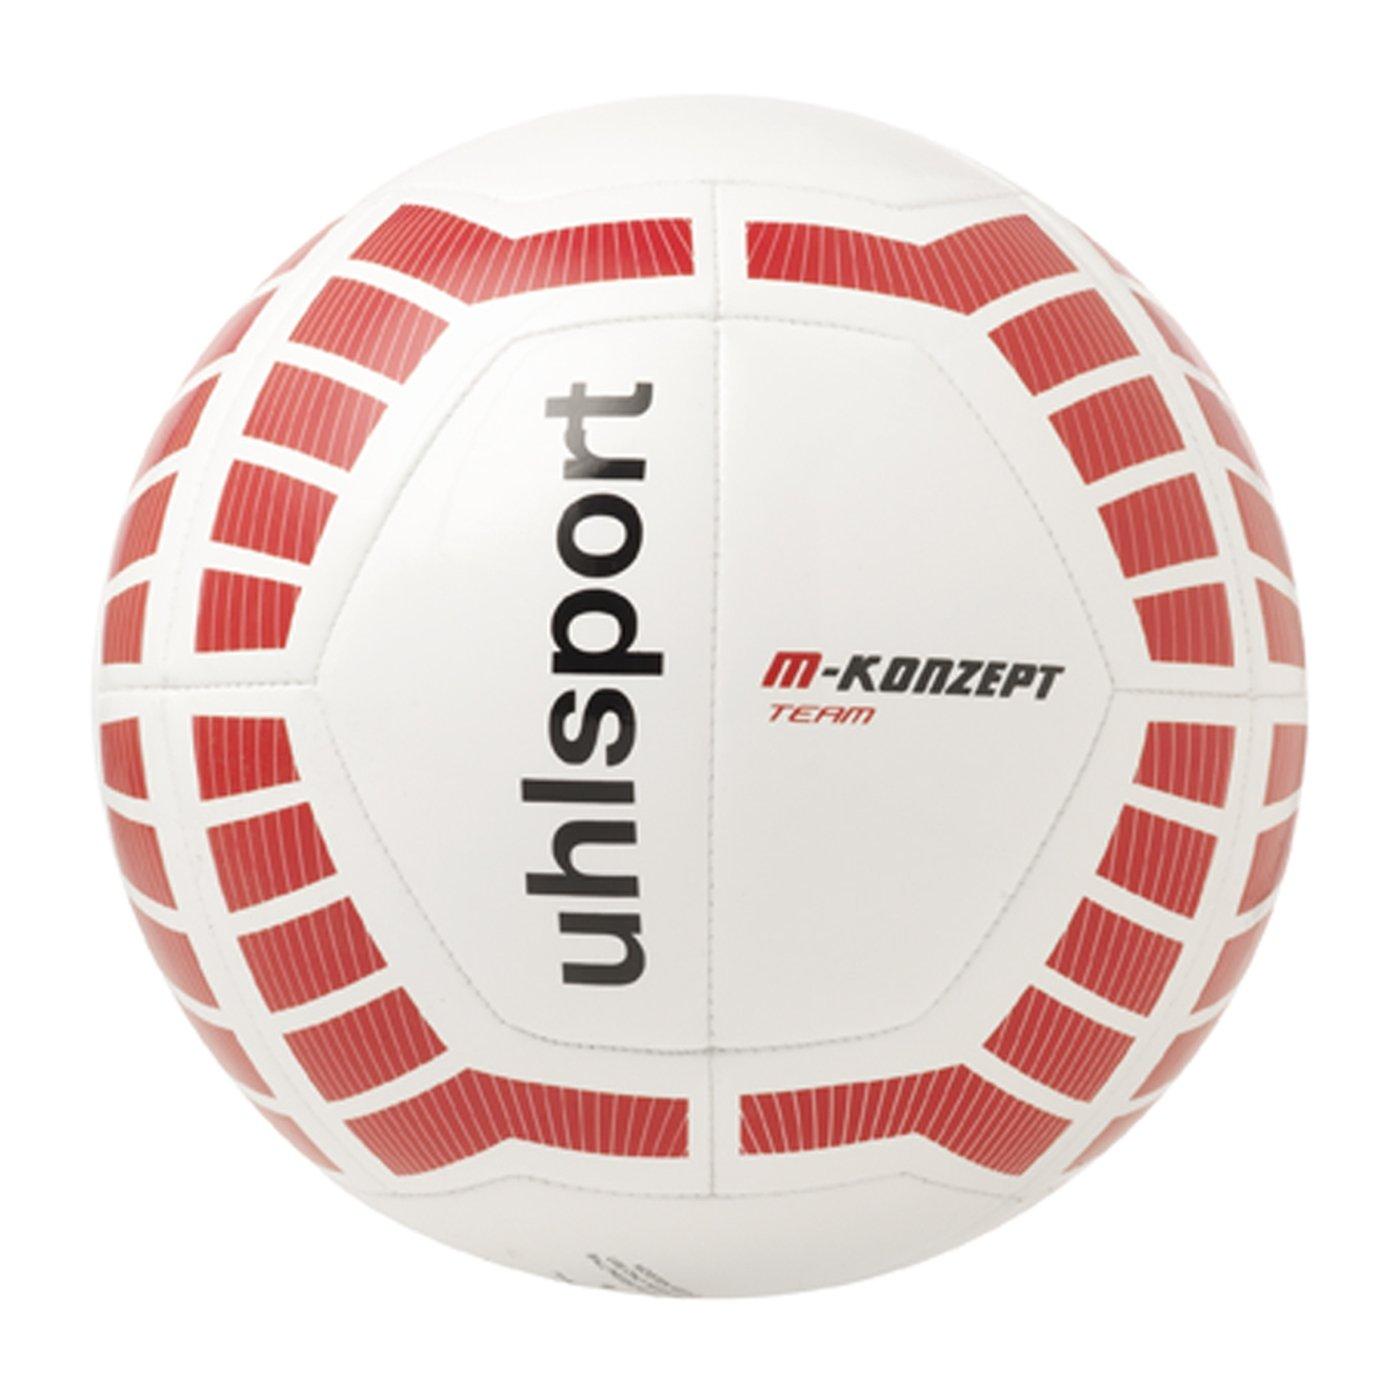 Uhlsport M-konzept Team - balón de fútbol: Amazon.es: Deportes y ...